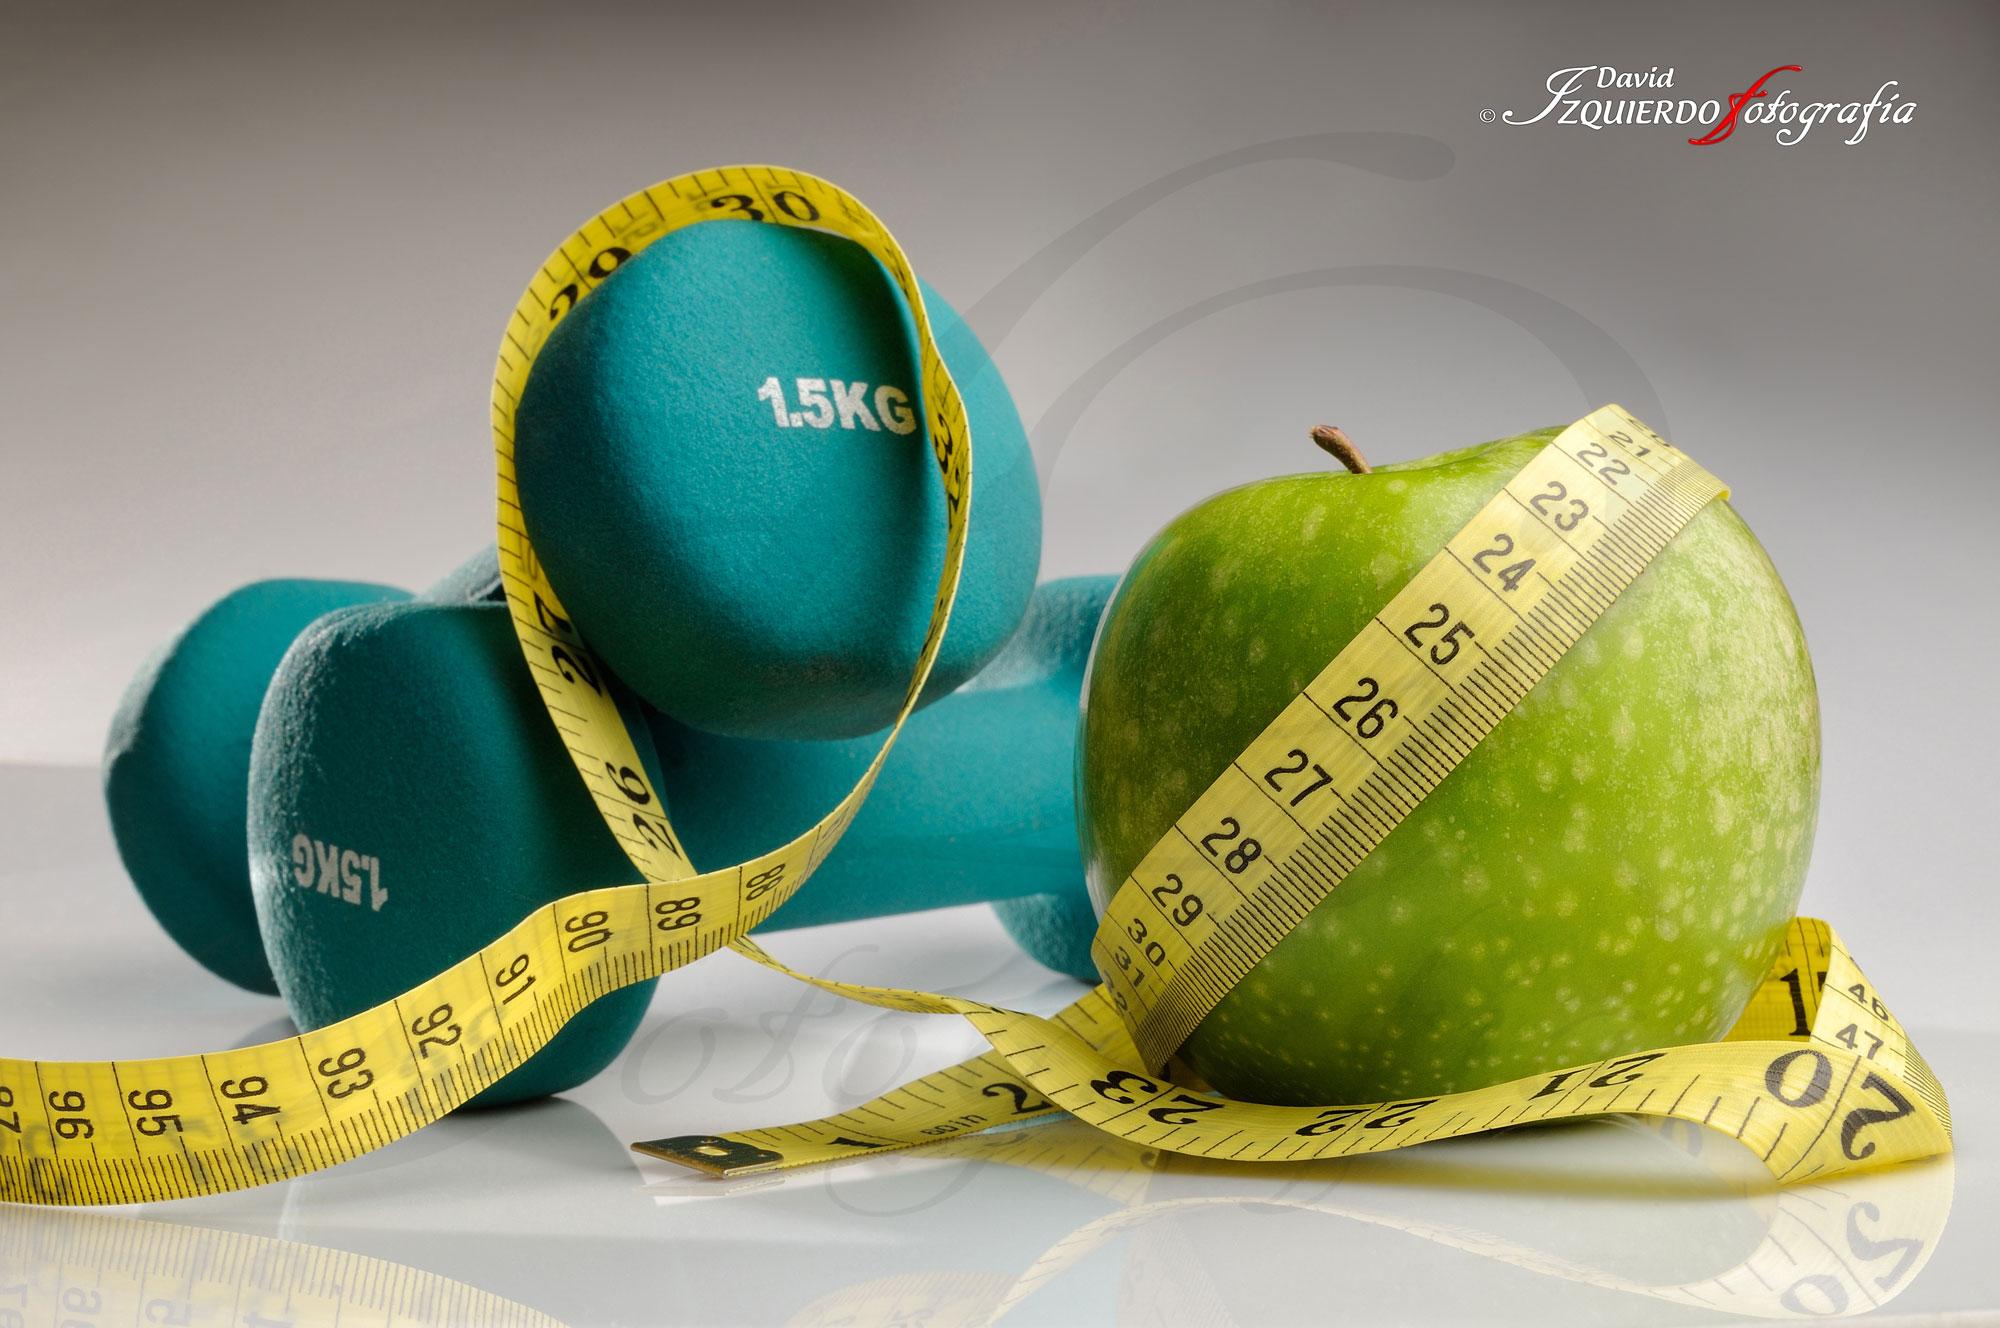 Dieta y ejercicio... ponte en forma